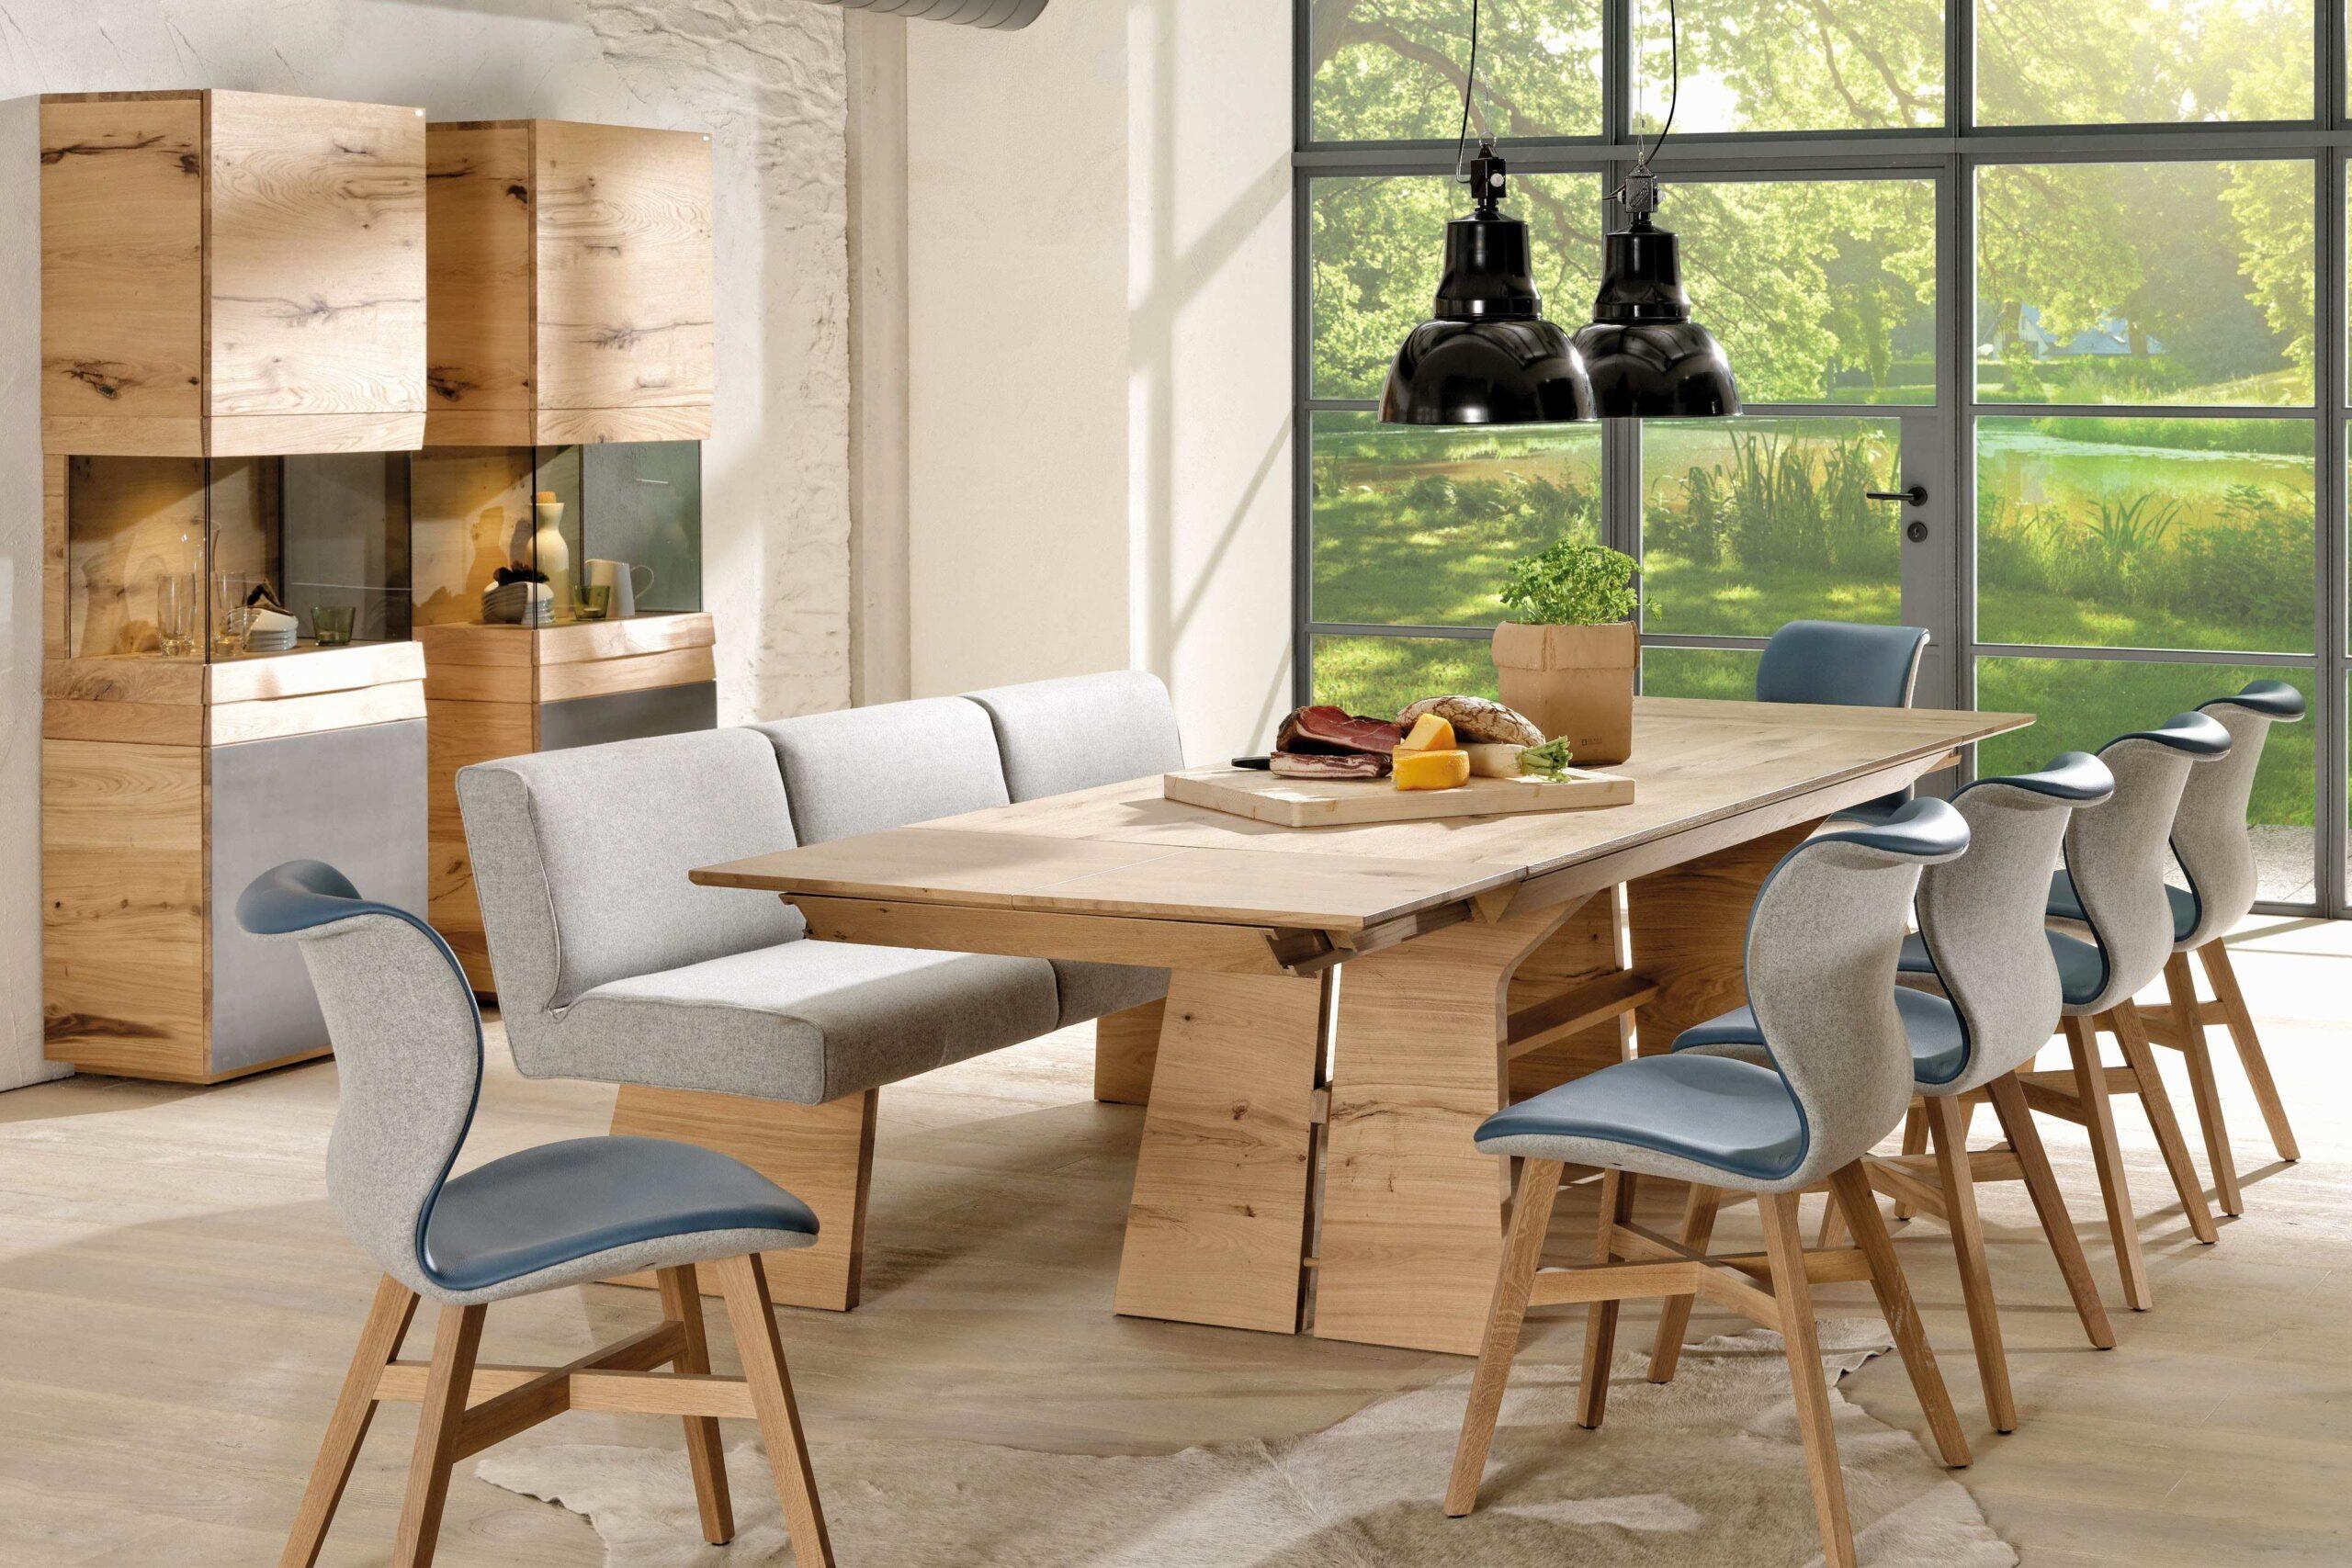 Full Size of Betten Ikea 160x200 Küche Kosten Bei Sofa Mit Schlaffunktion Miniküche Kaufen Modulküche Wohnzimmer Küchenläufer Ikea